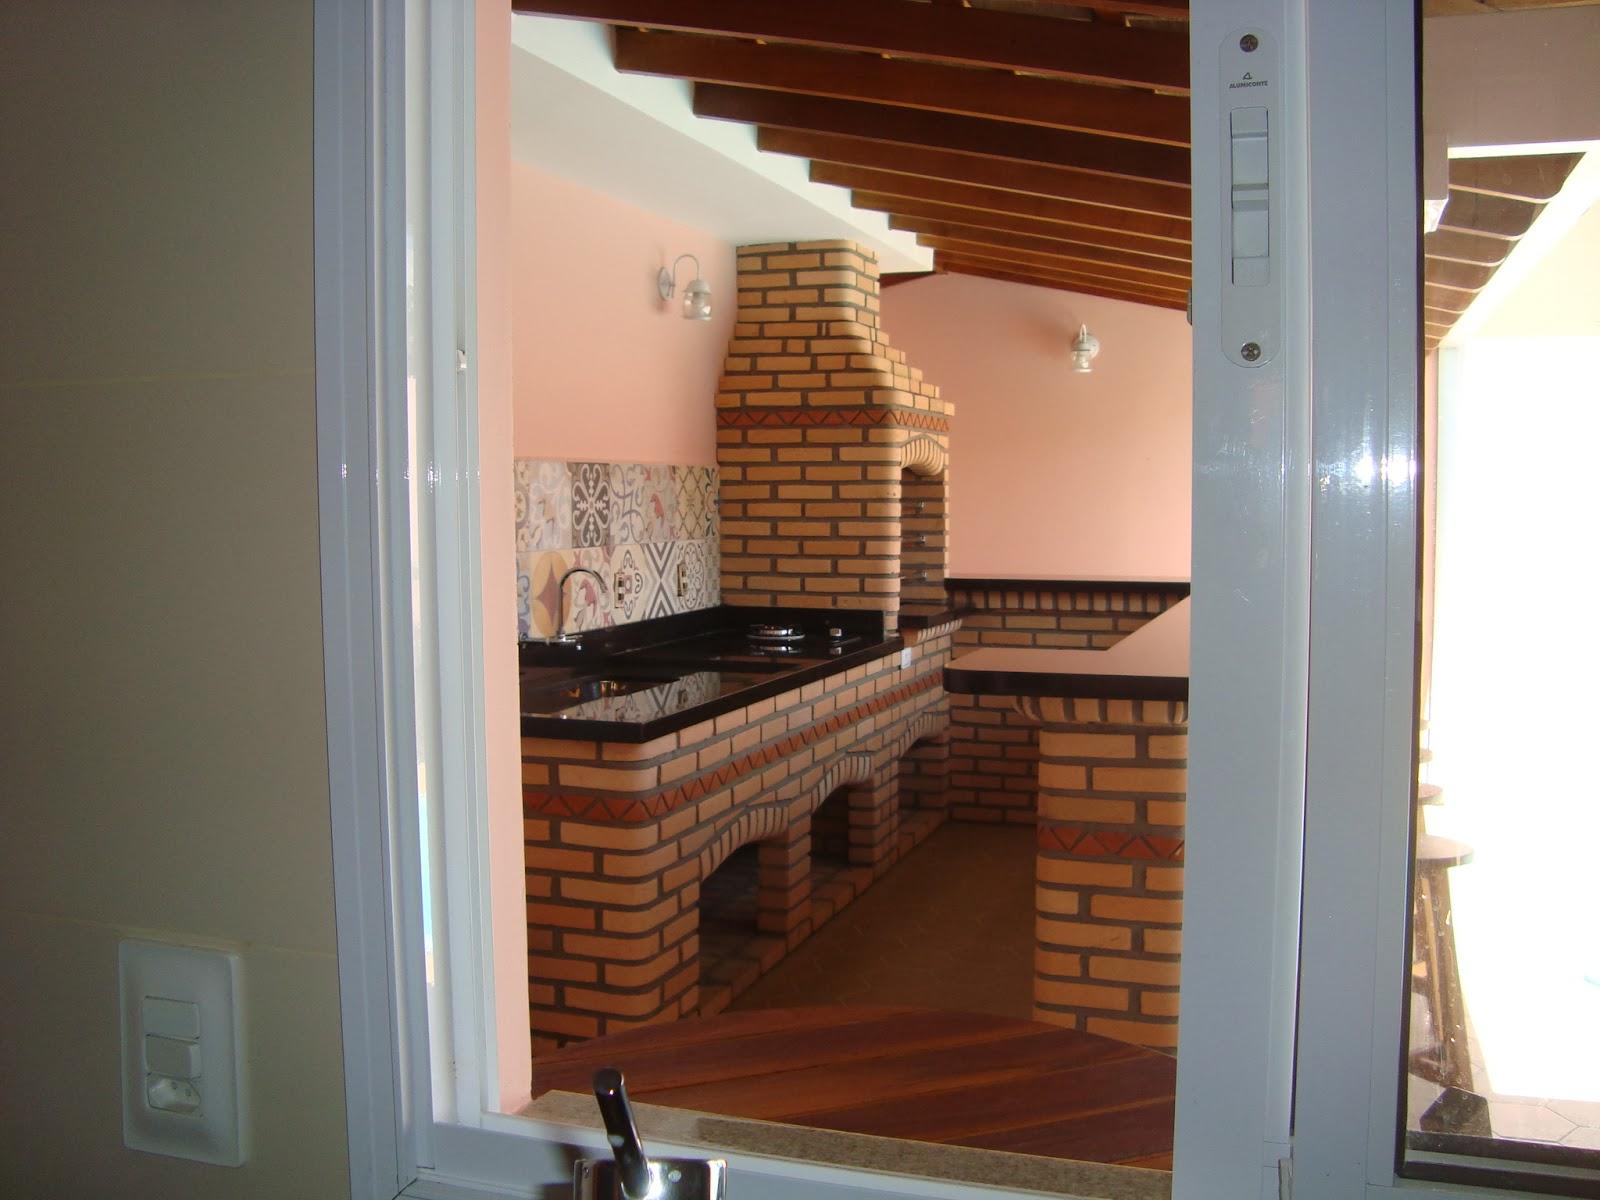 Aqui temos a vista de dentro da cozinha através da janela. #955936 1600 1200